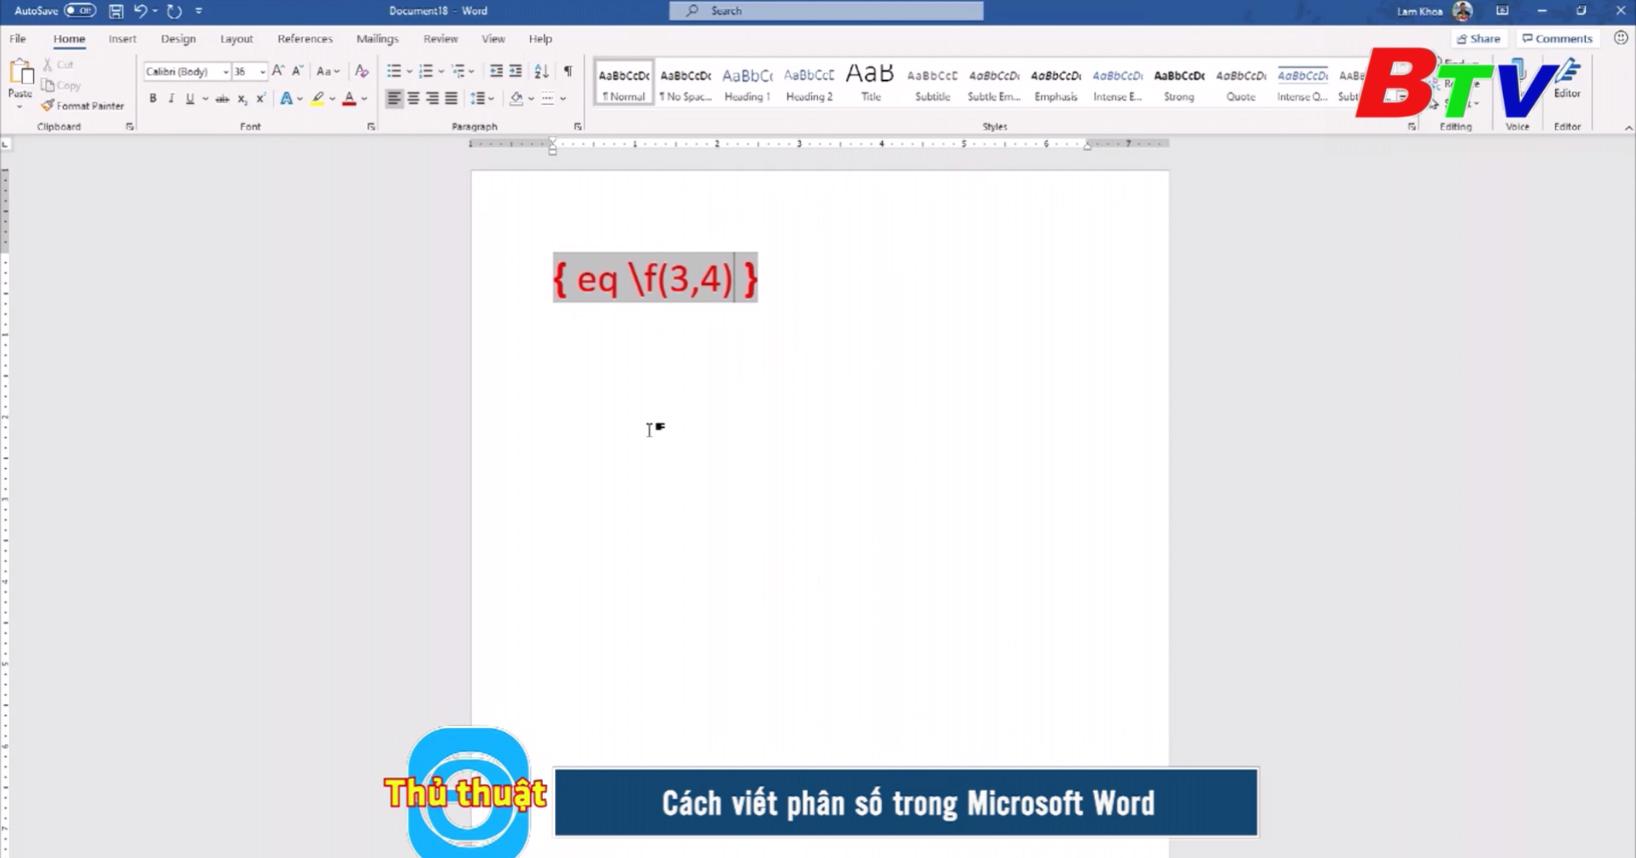 Cách viết phân số trong Microsoft Word